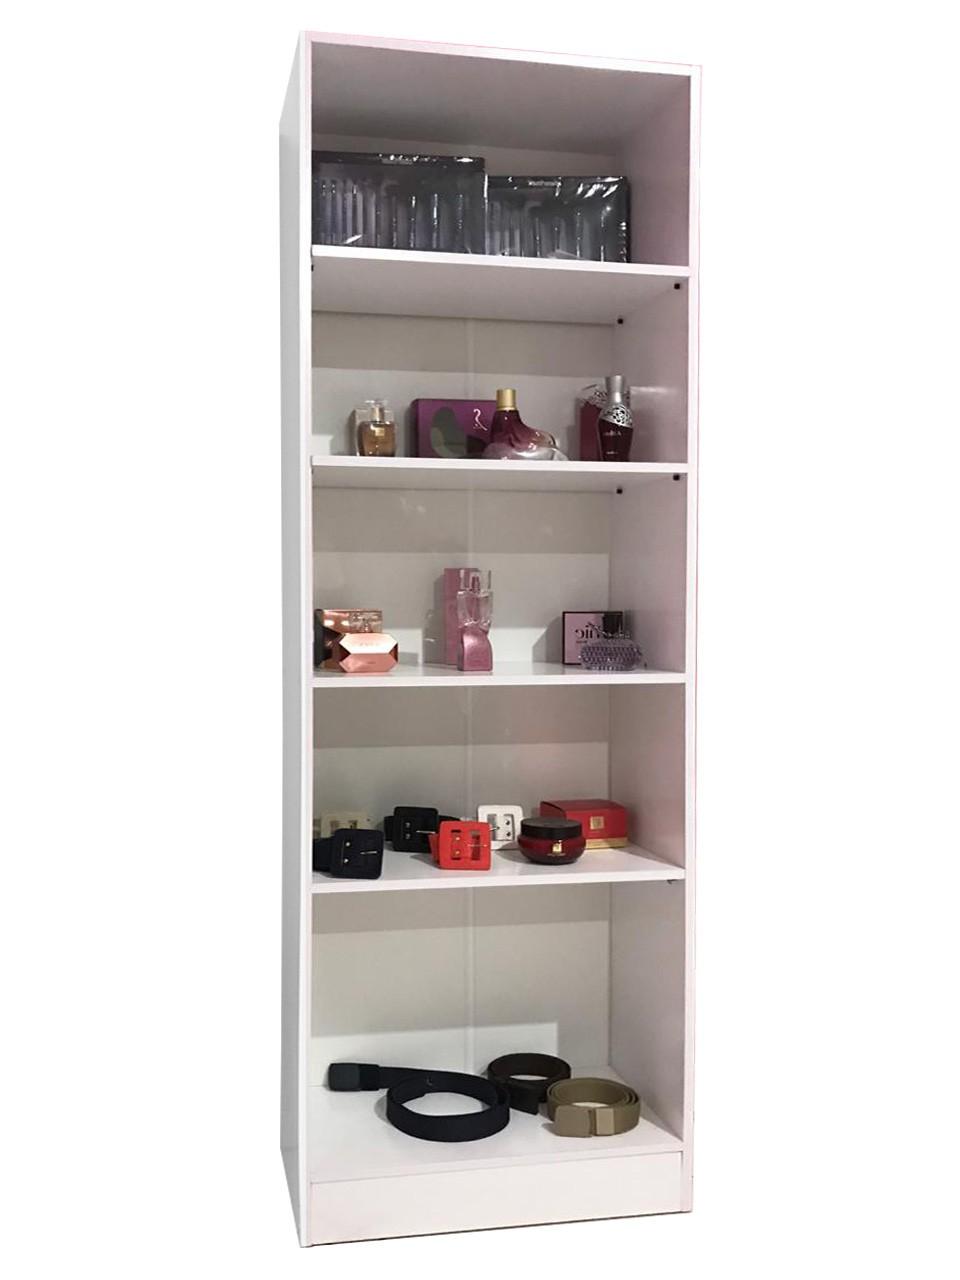 Caixa Organizador Prateleiras Roupas Brinquedos Loja Closet